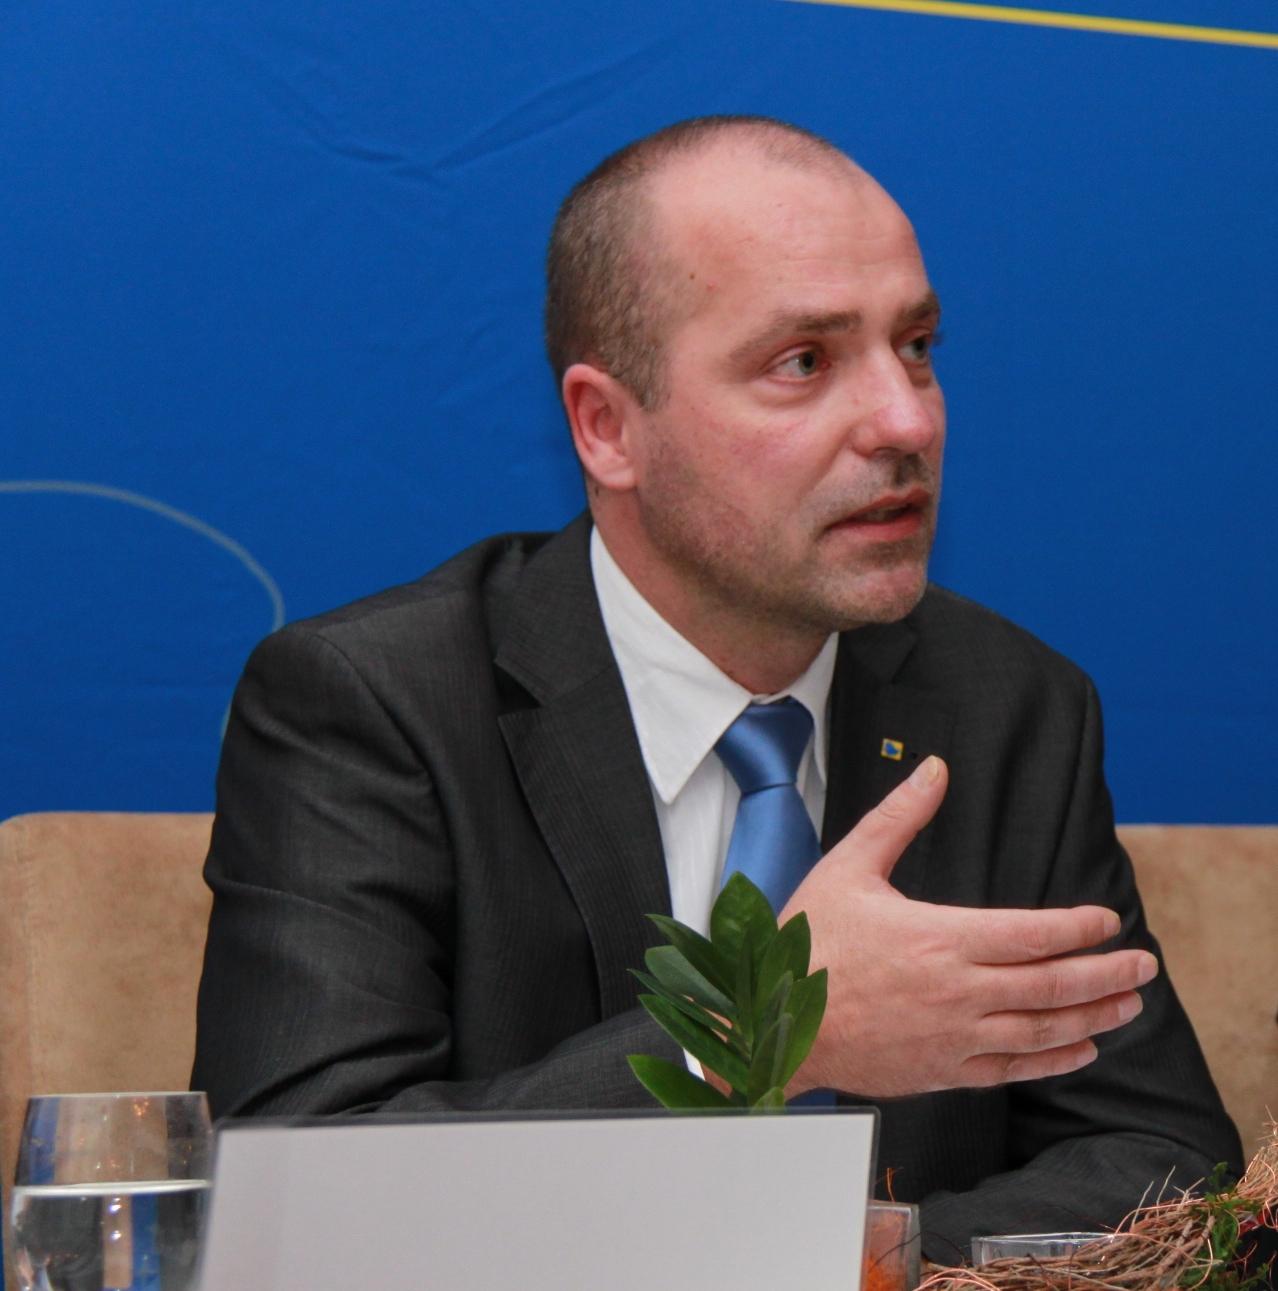 Gesundheitspolitischer Sprecher, Marian Koppe